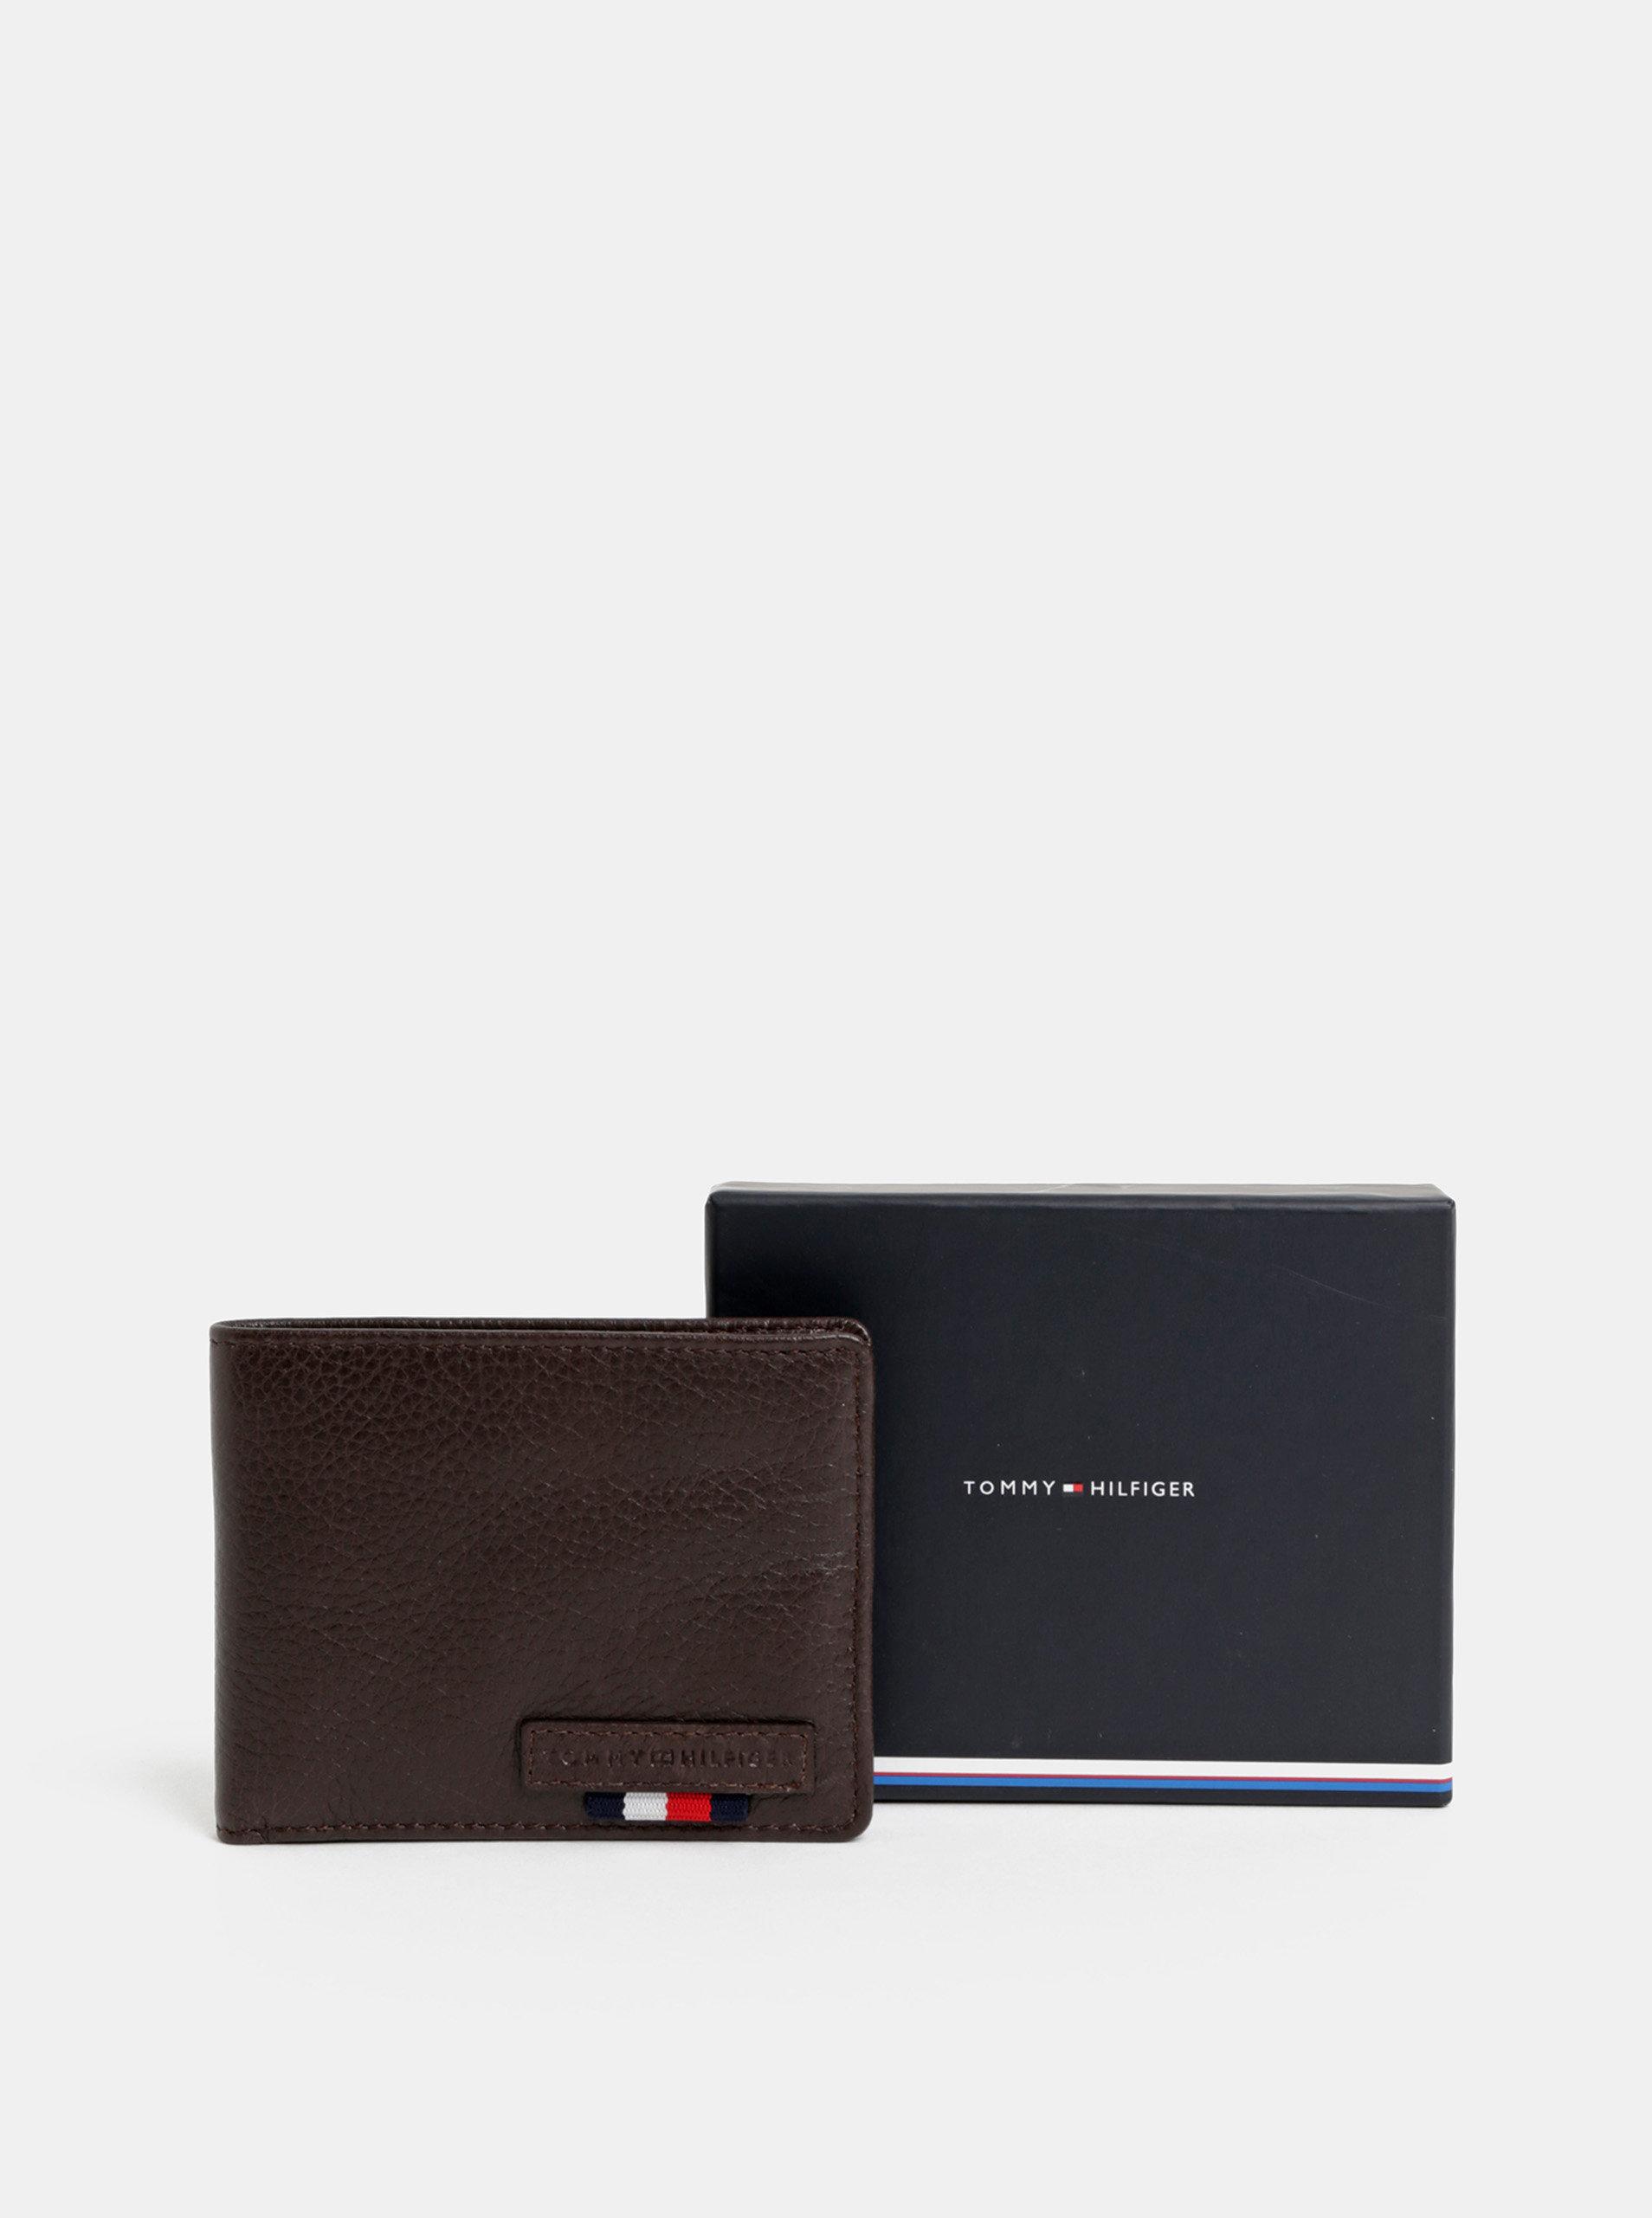 Hnedá kožená peňaženka Tommy Hilfiger ... 401d8795a5b